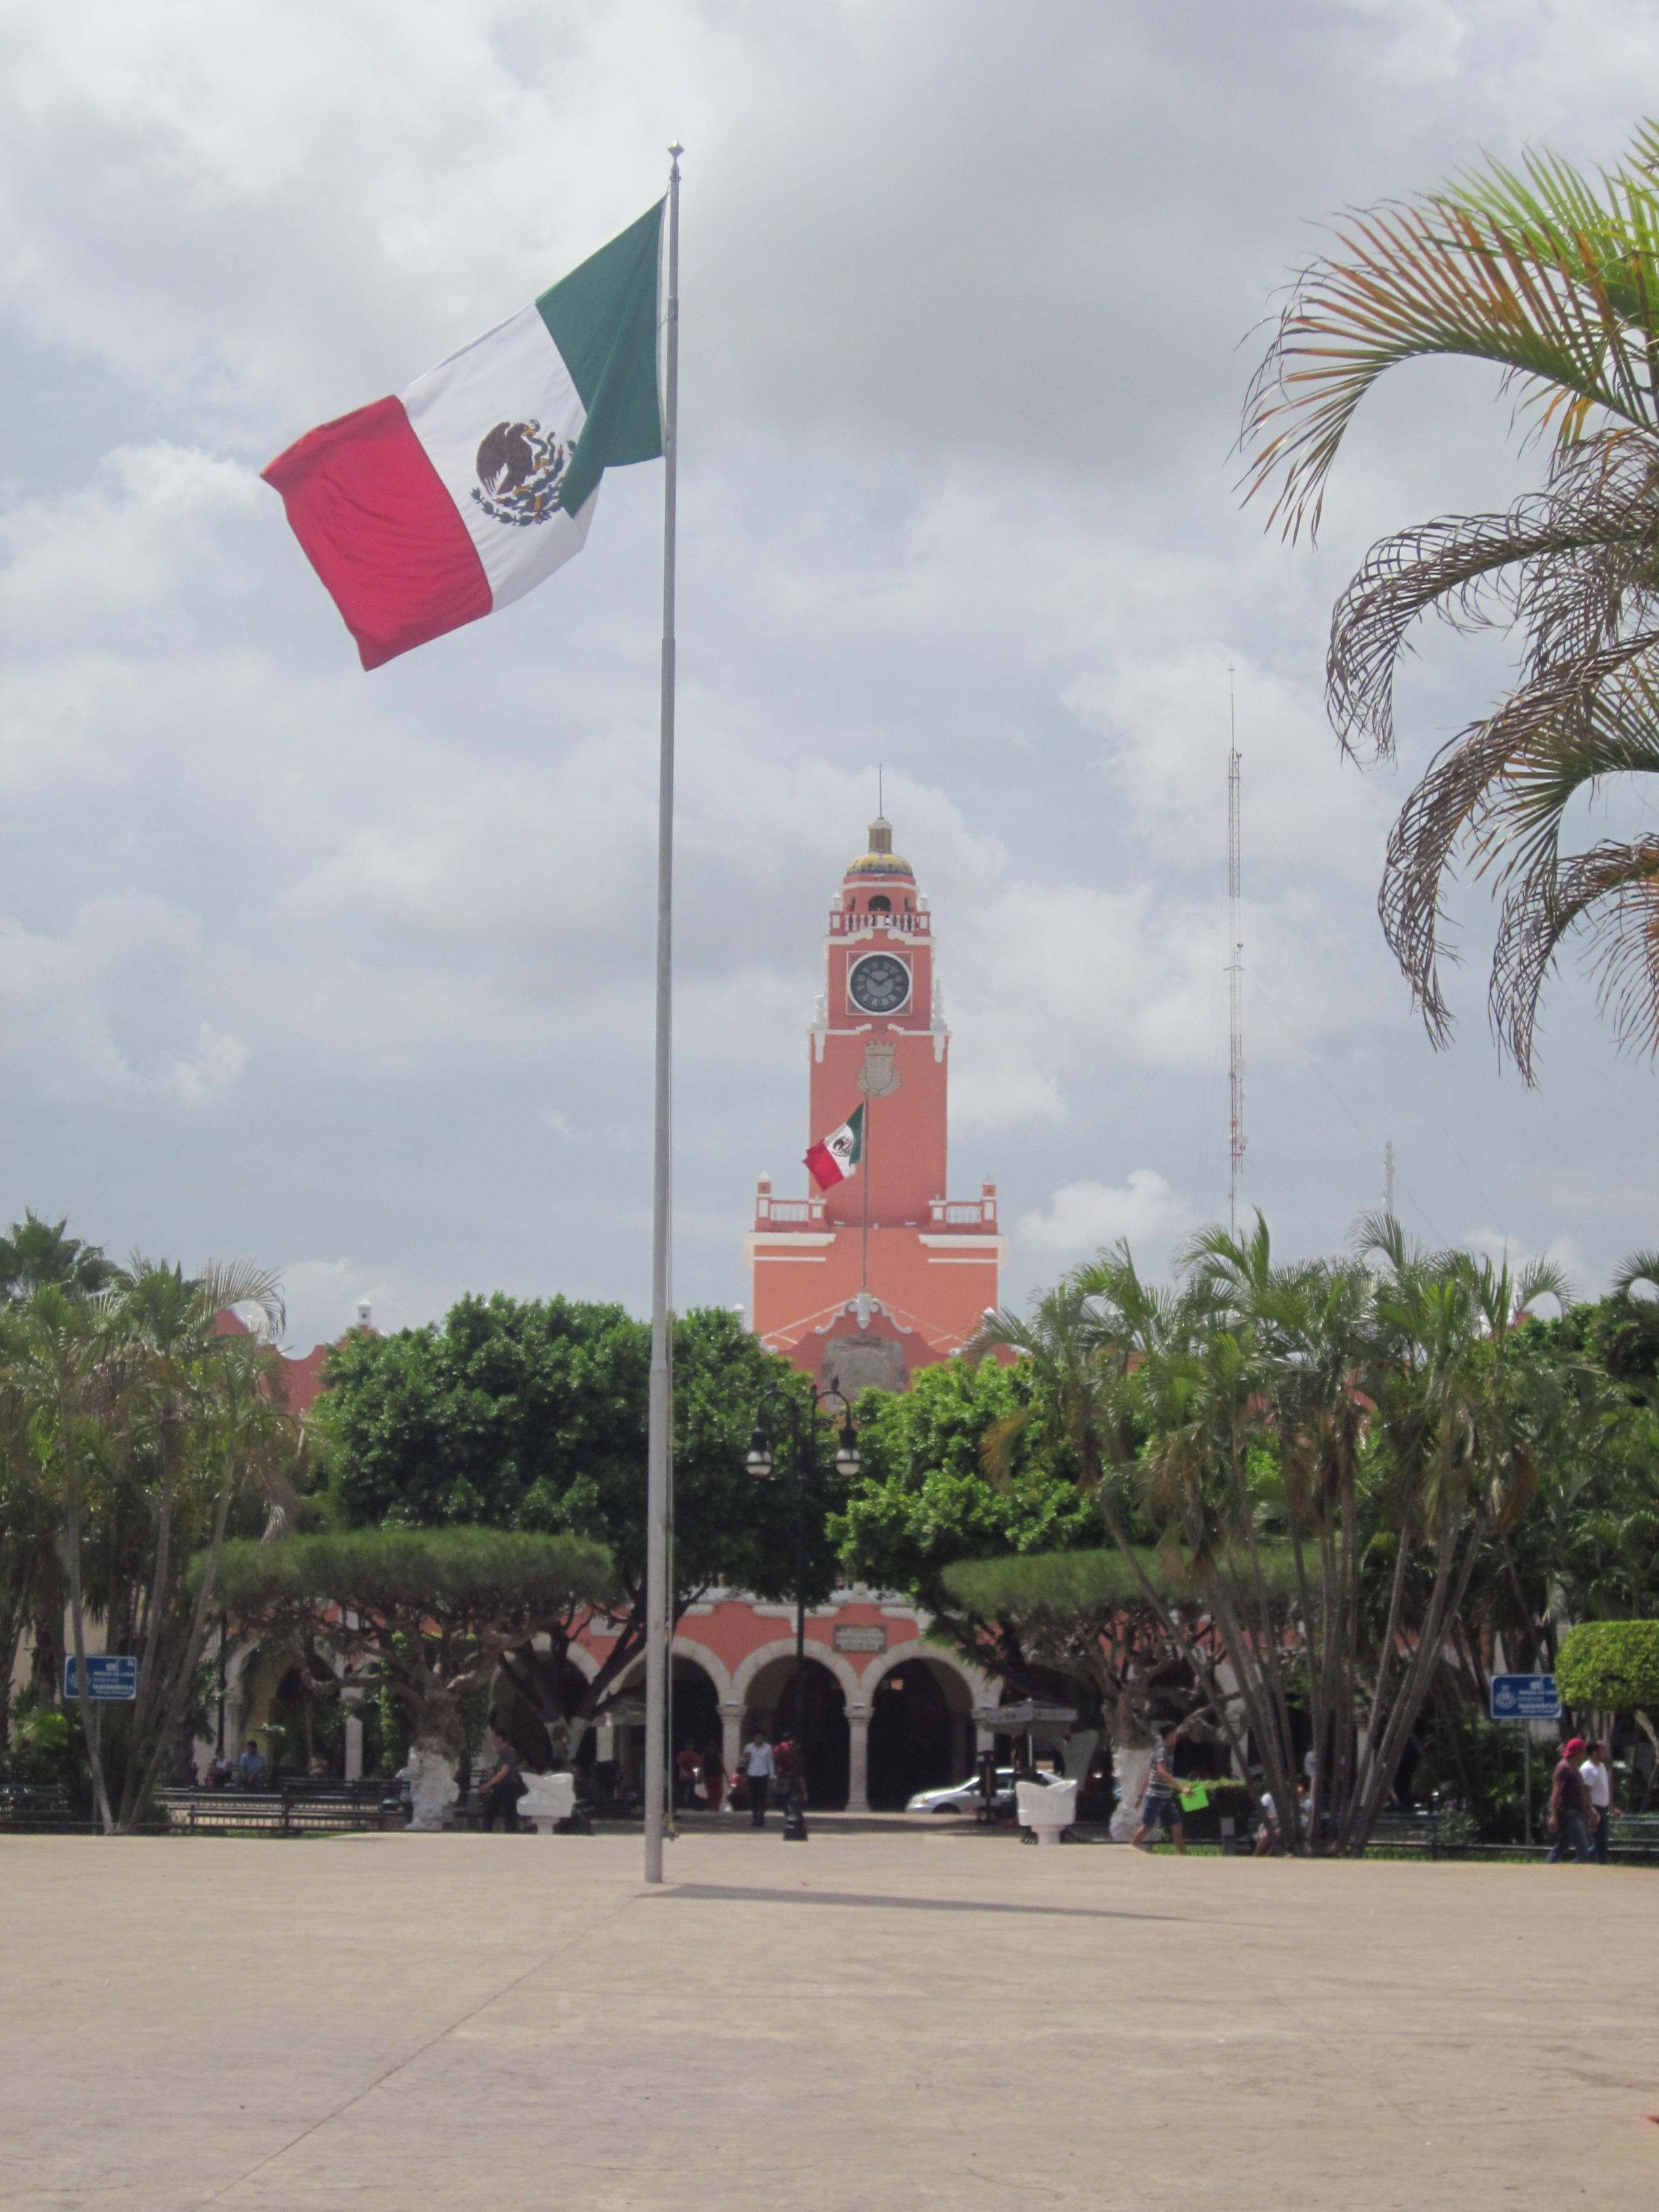 Una plaza en Merida, Mexico